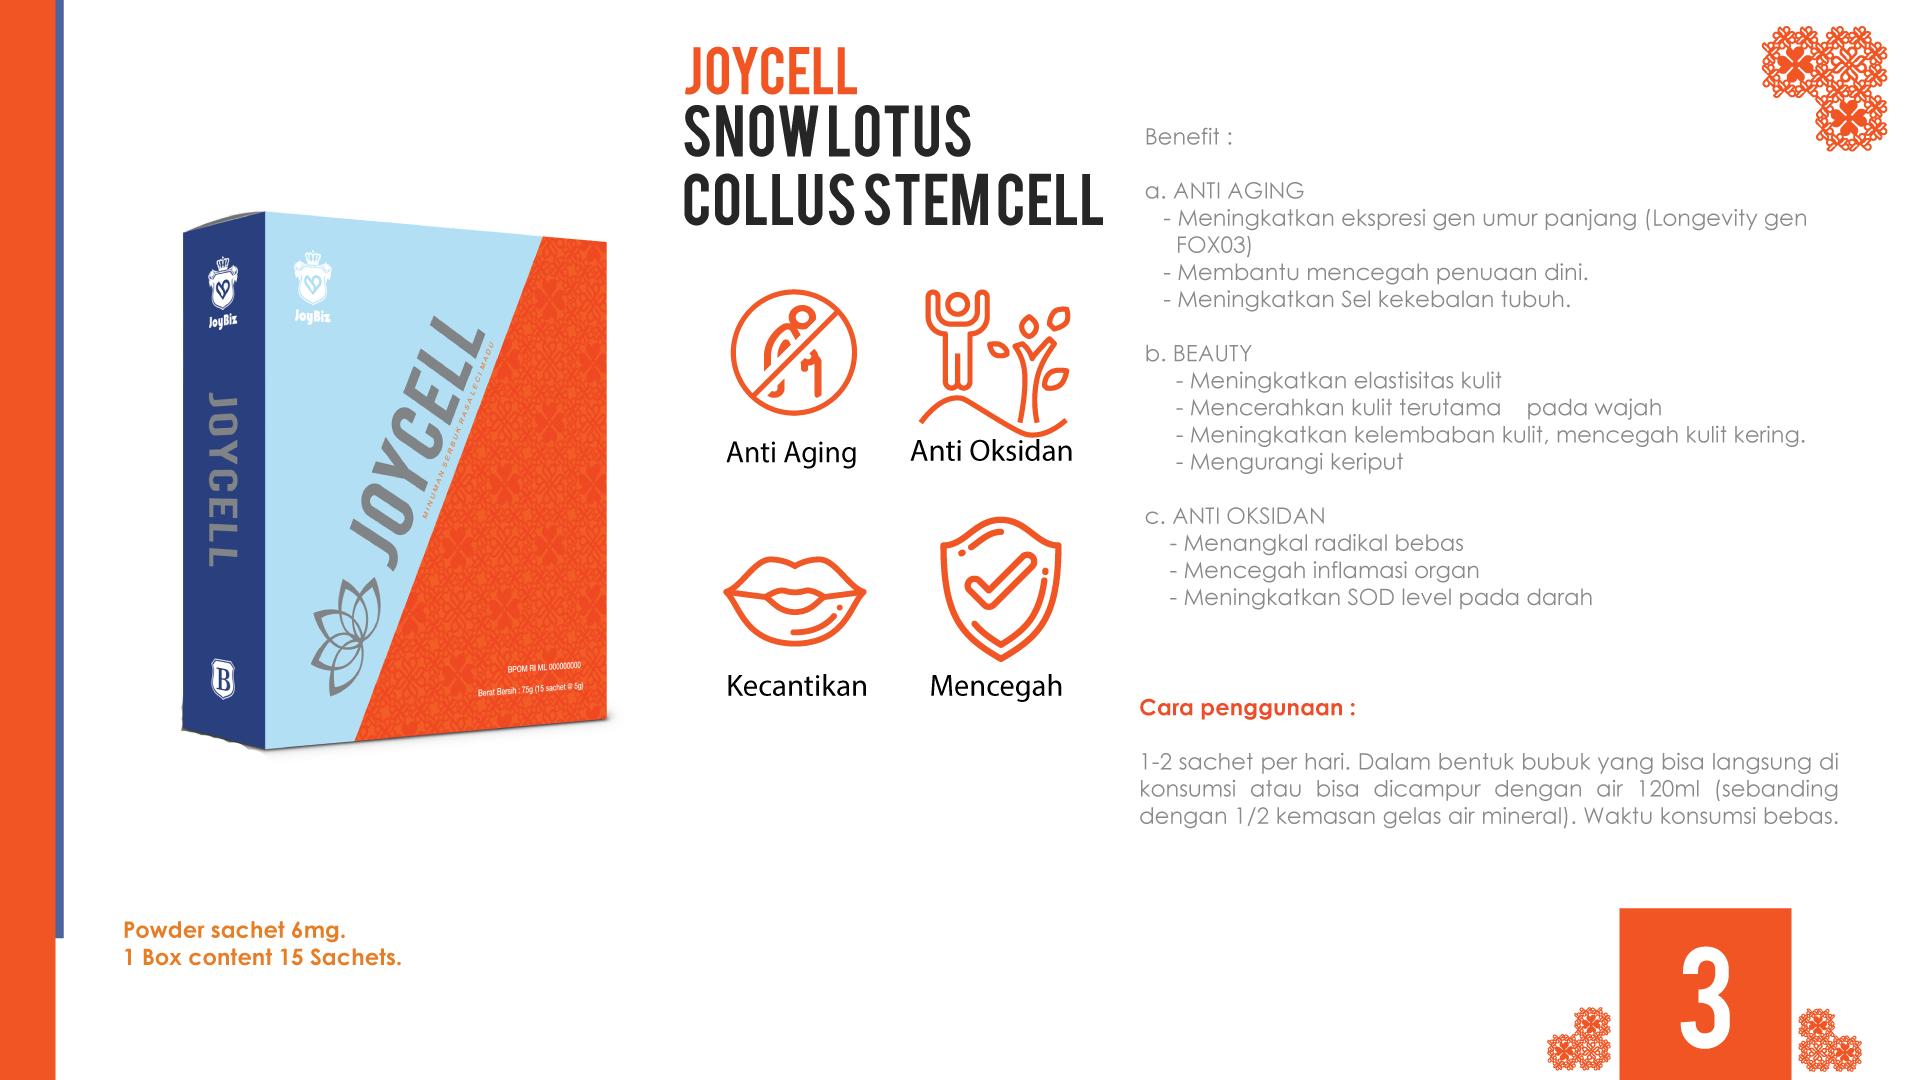 katalog4 (2)